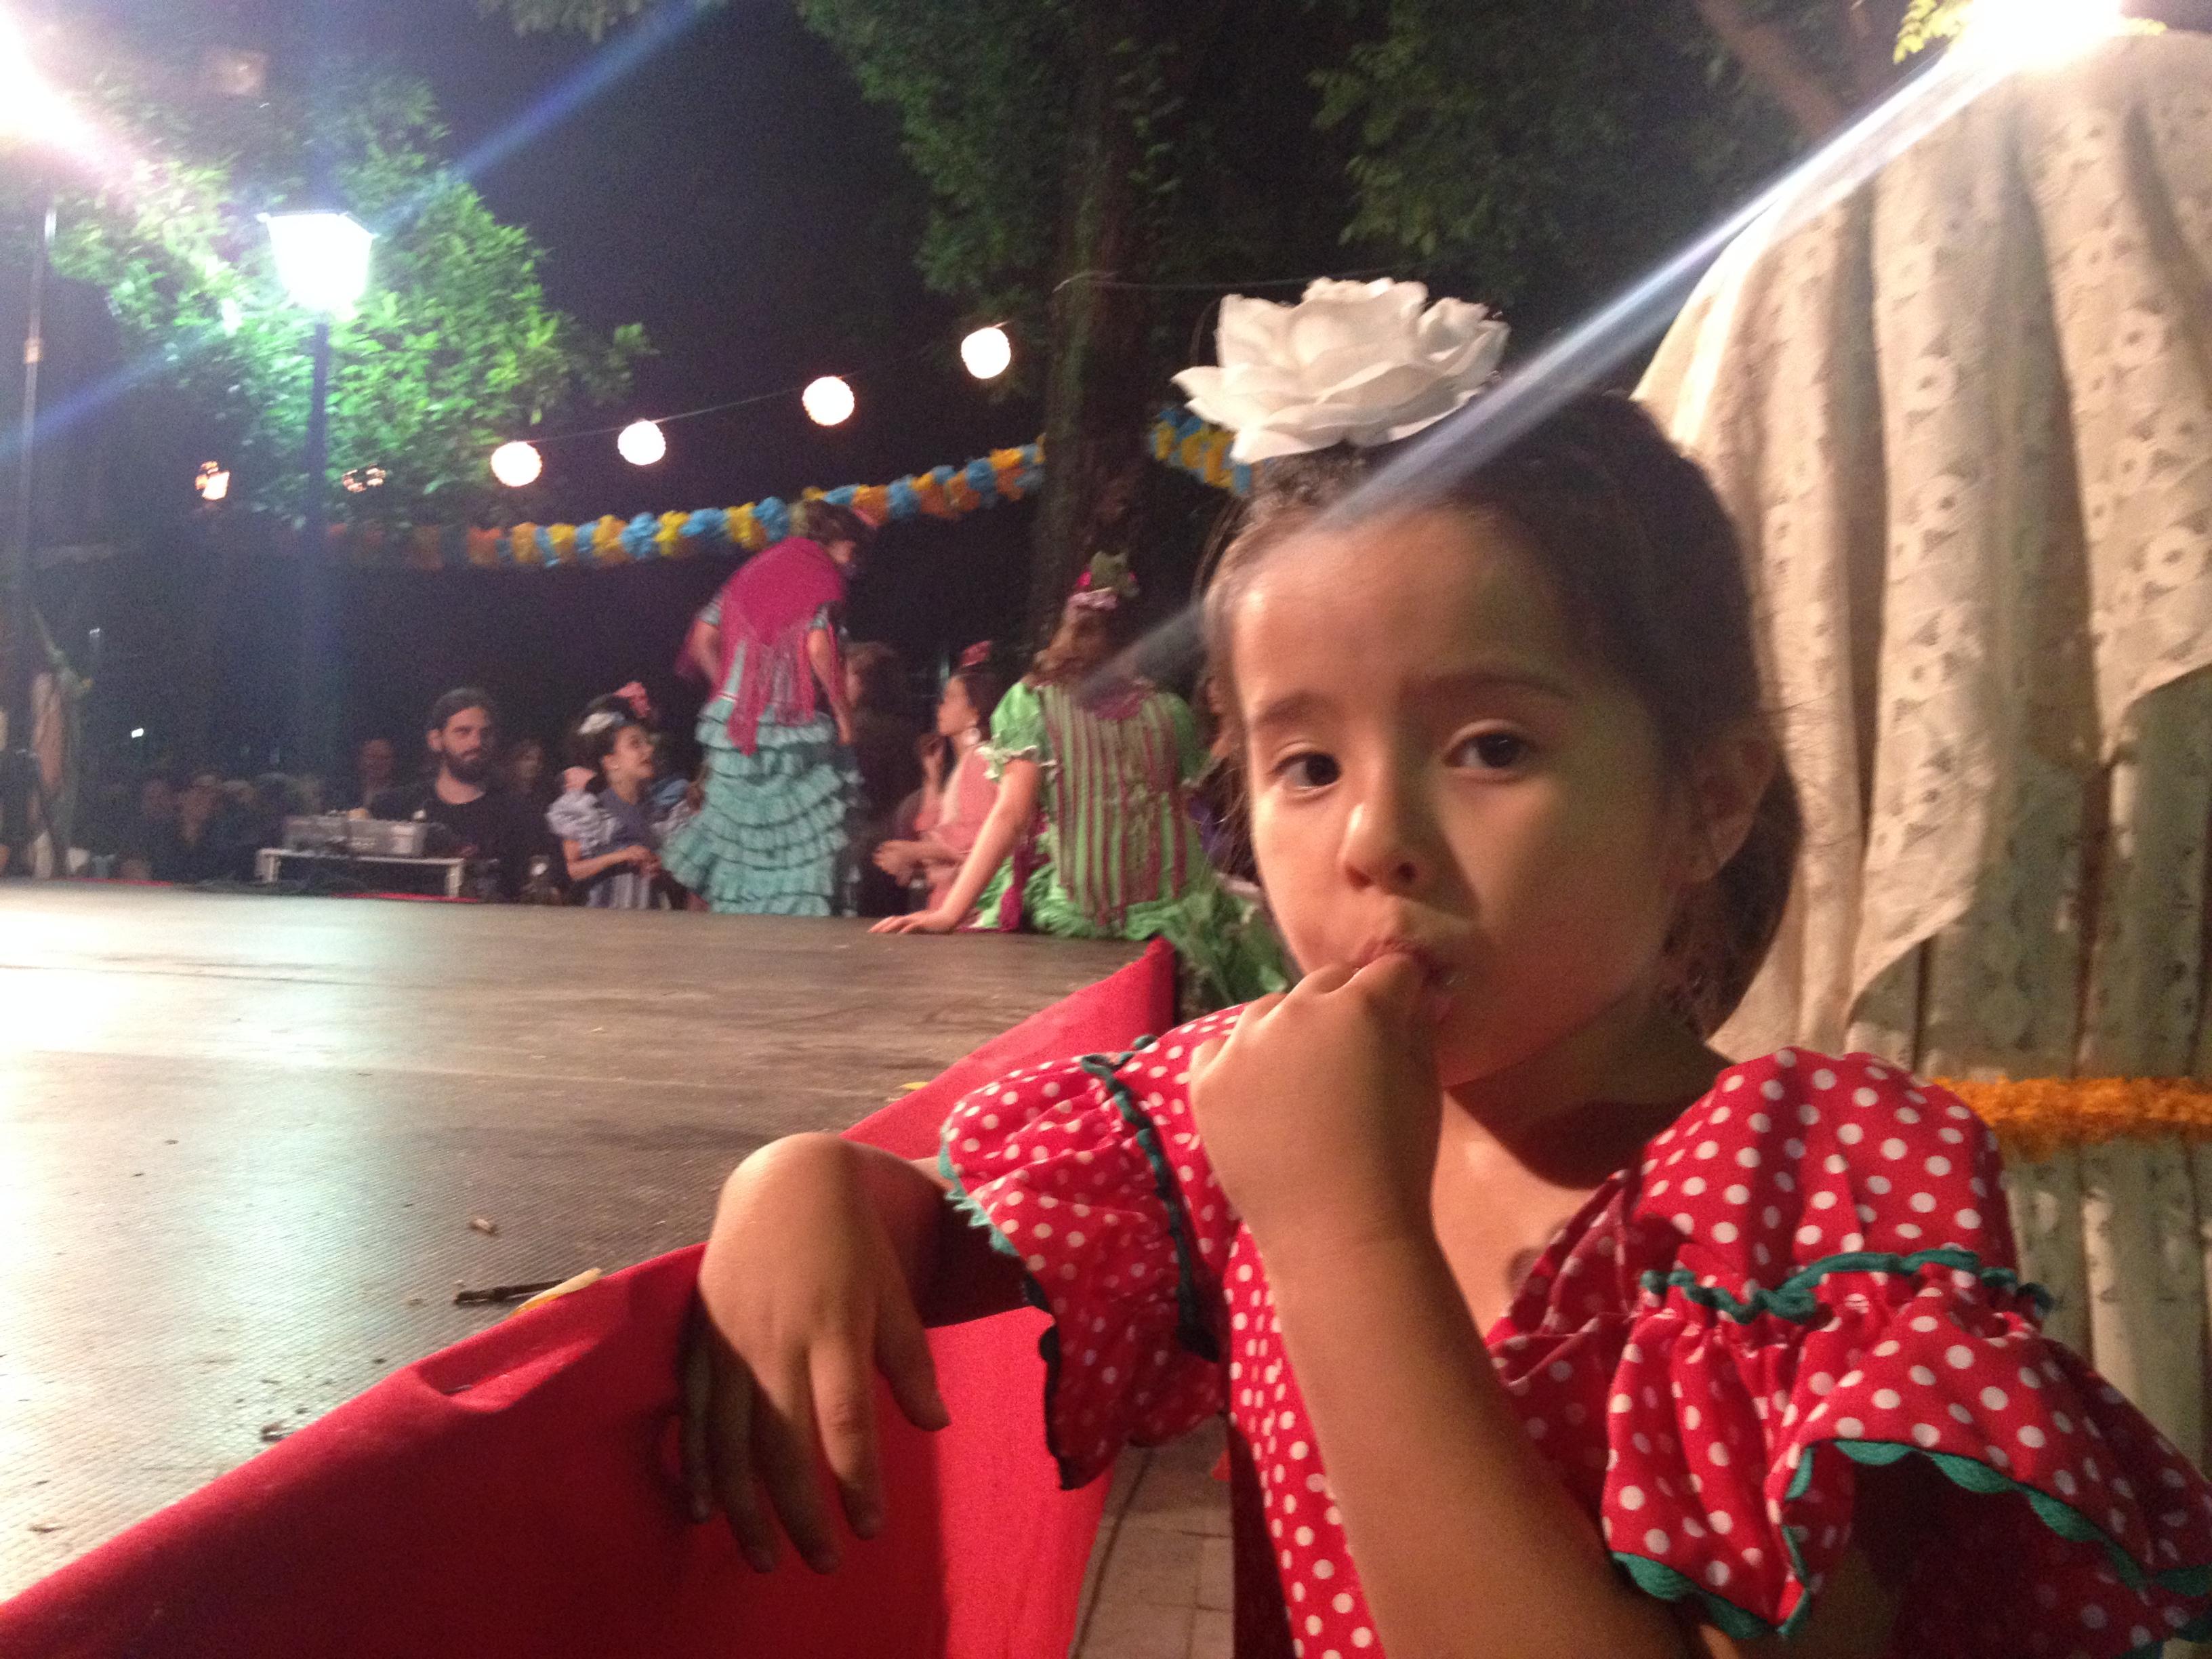 Flamenco @oltreilbalcone